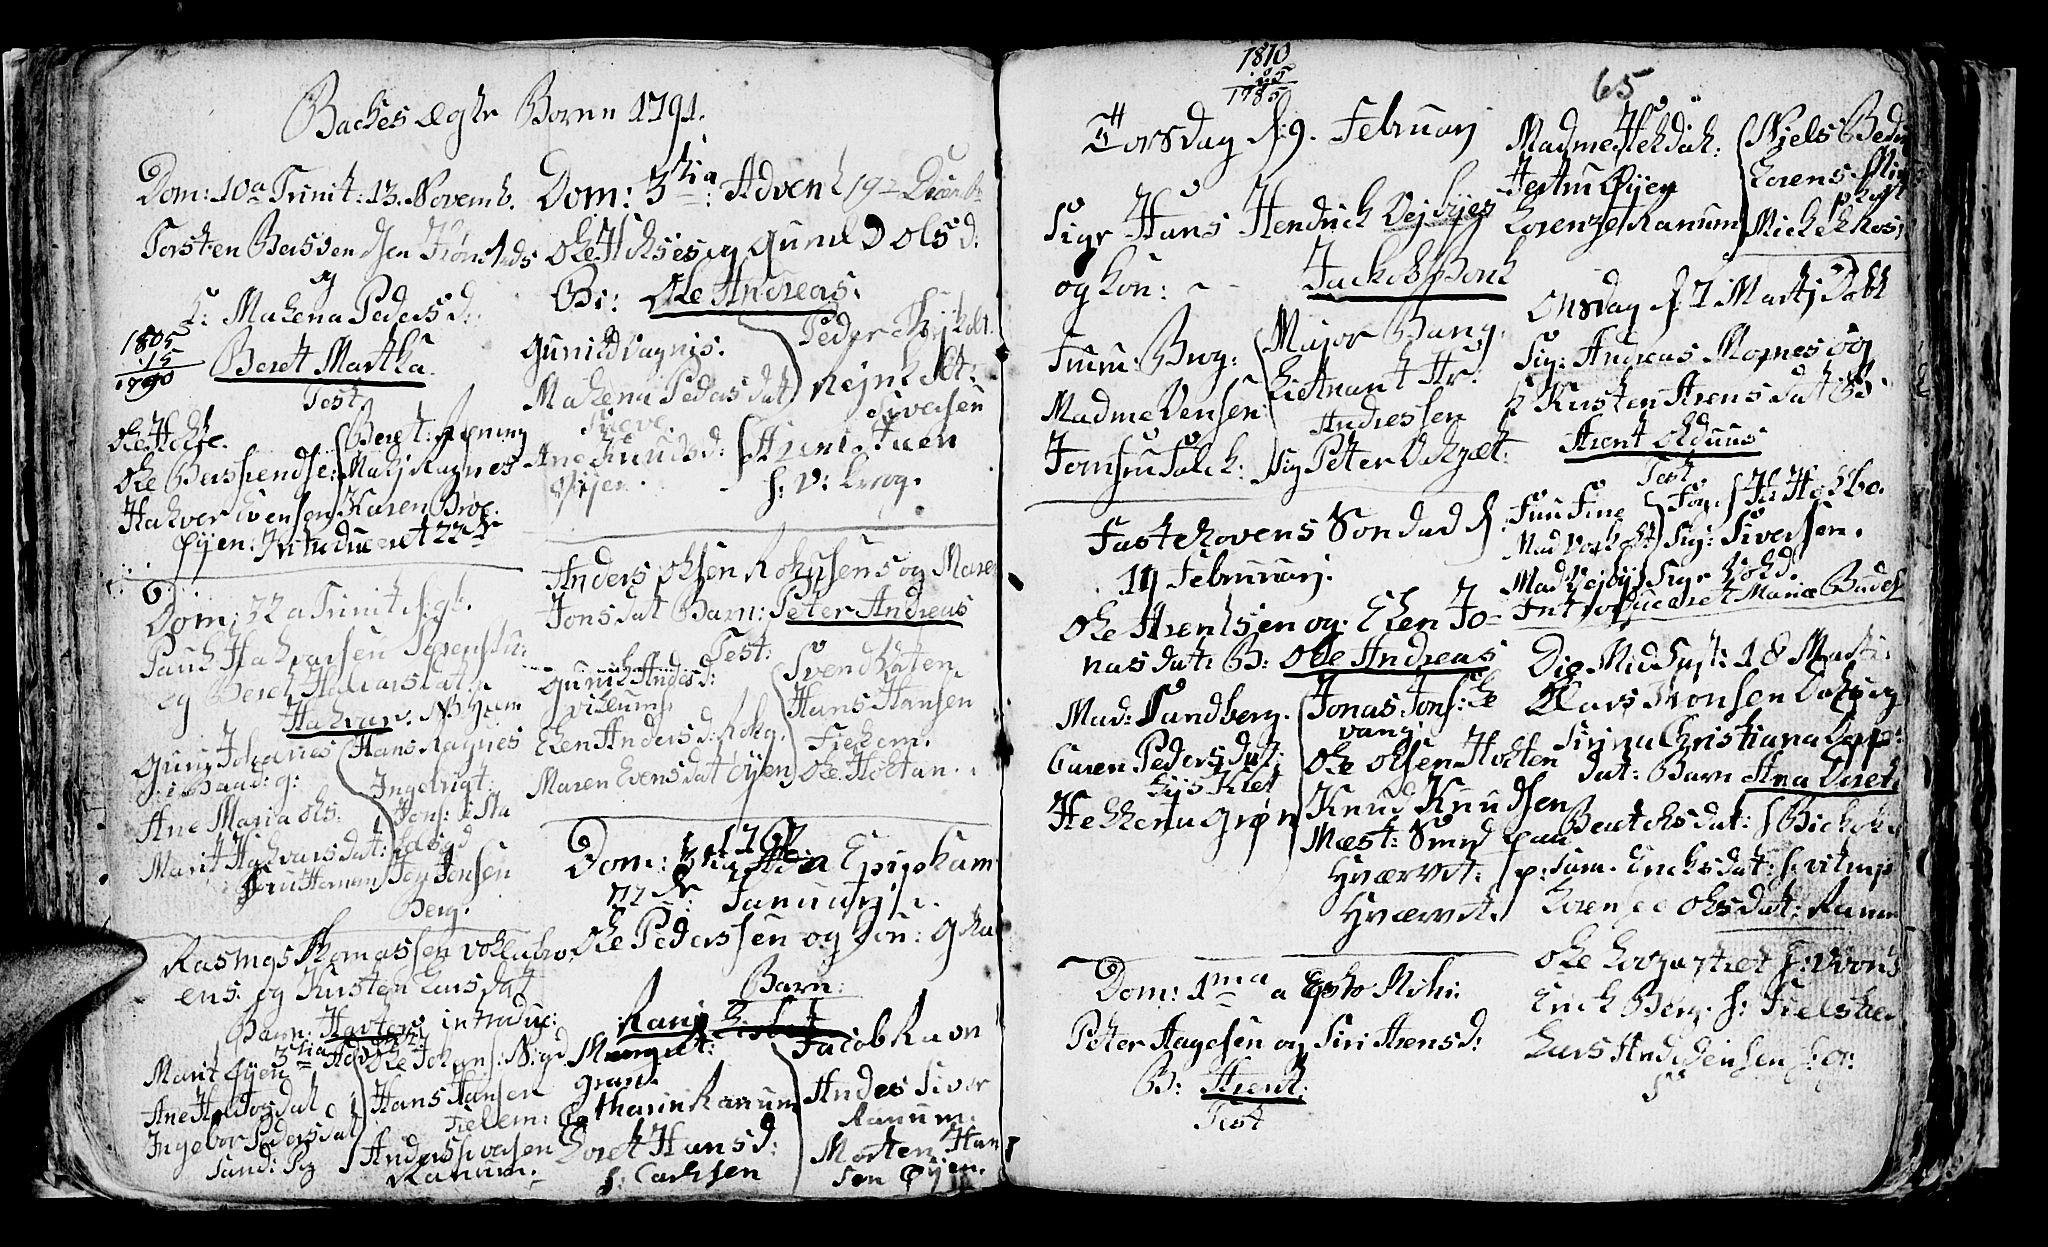 SAT, Ministerialprotokoller, klokkerbøker og fødselsregistre - Sør-Trøndelag, 604/L0218: Klokkerbok nr. 604C01, 1754-1819, s. 65